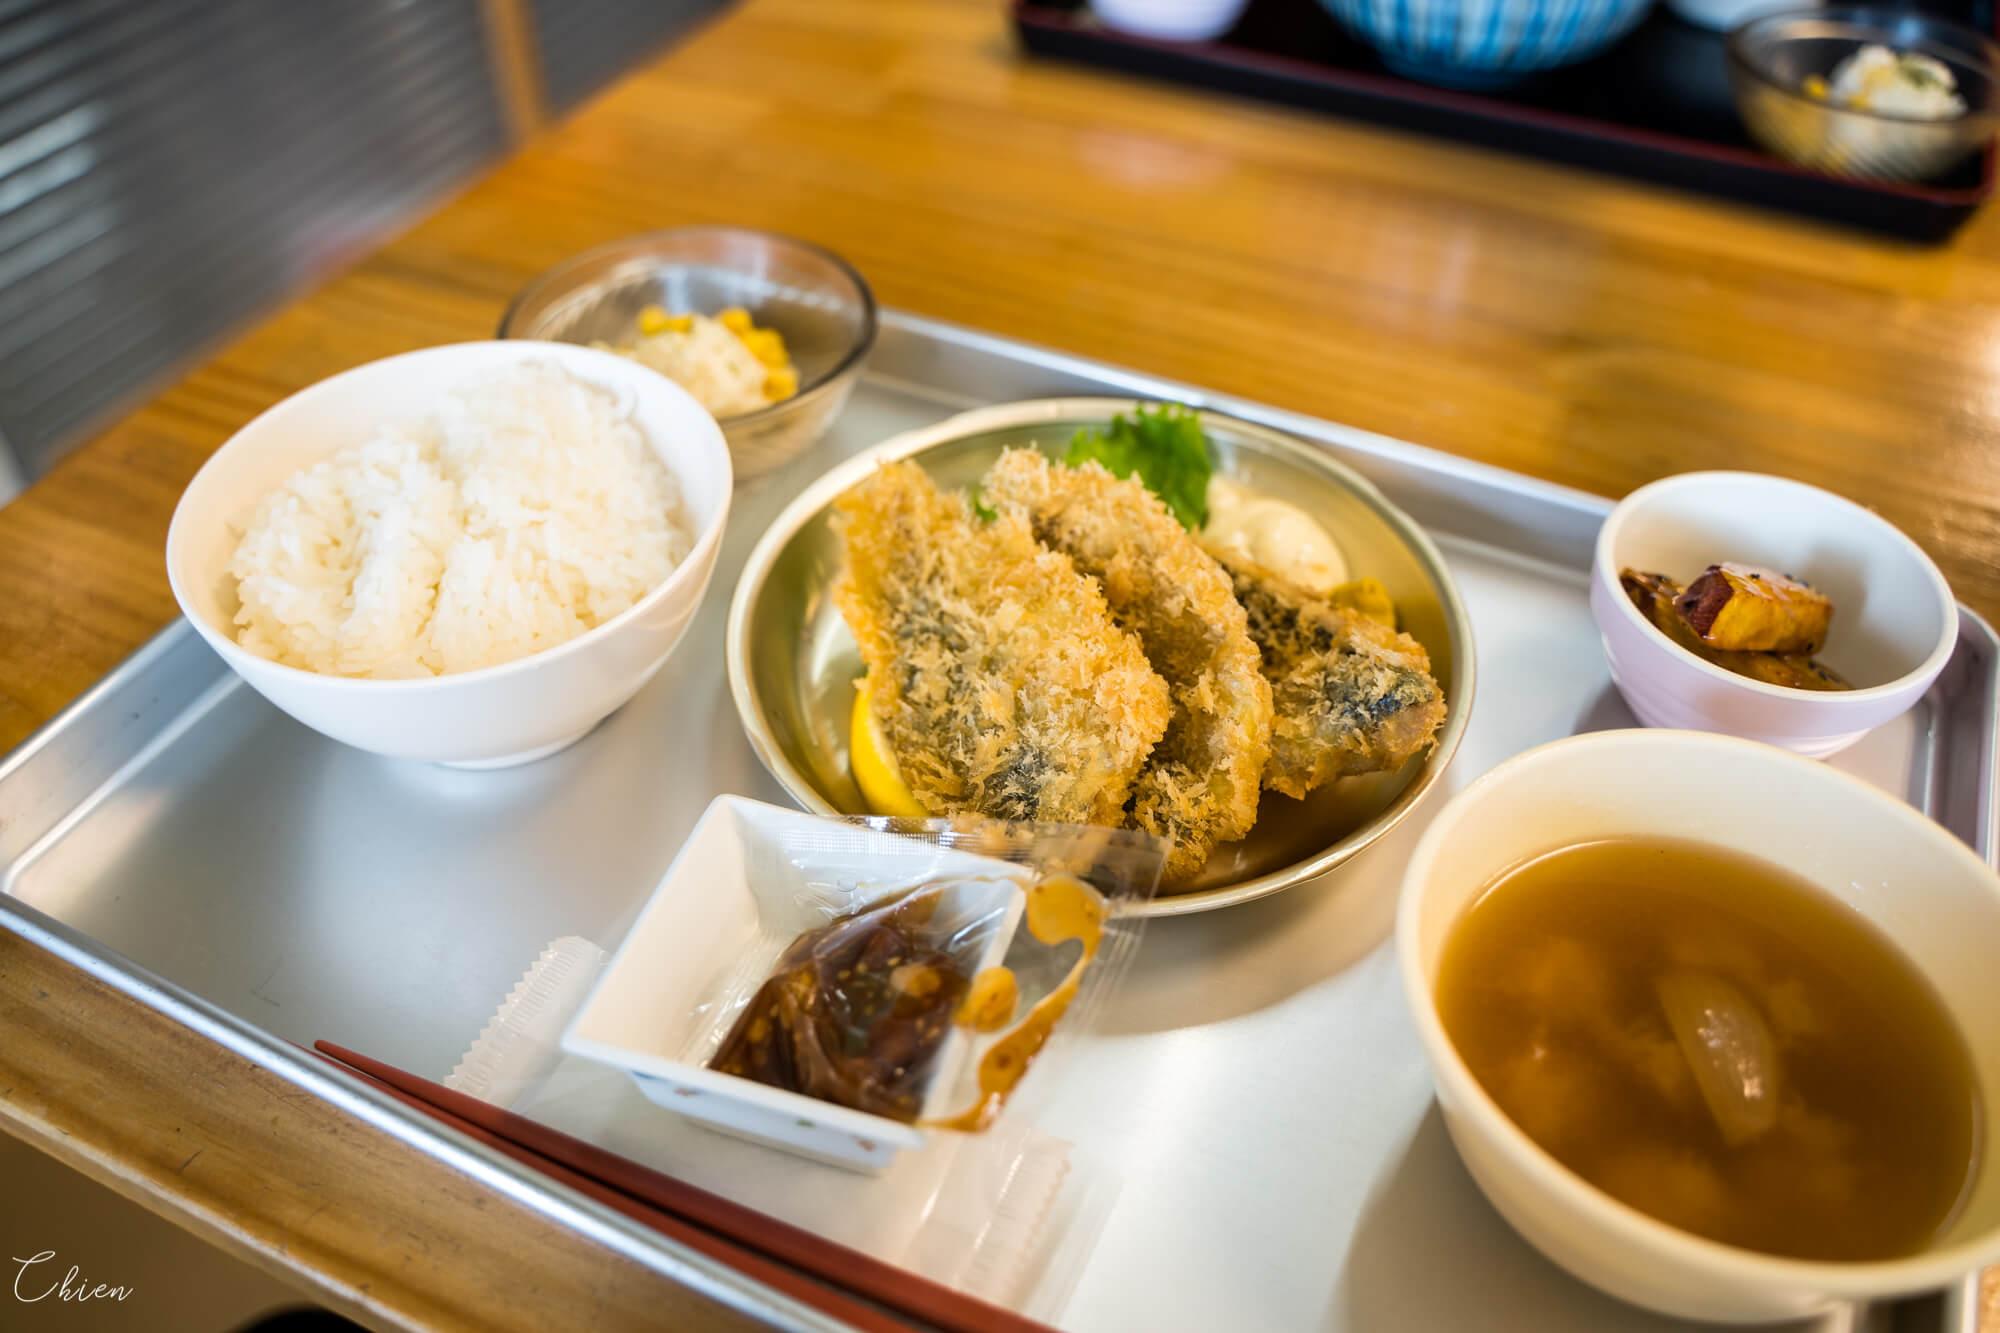 千葉觀光休息站「保田小學」日本小學生營養午餐